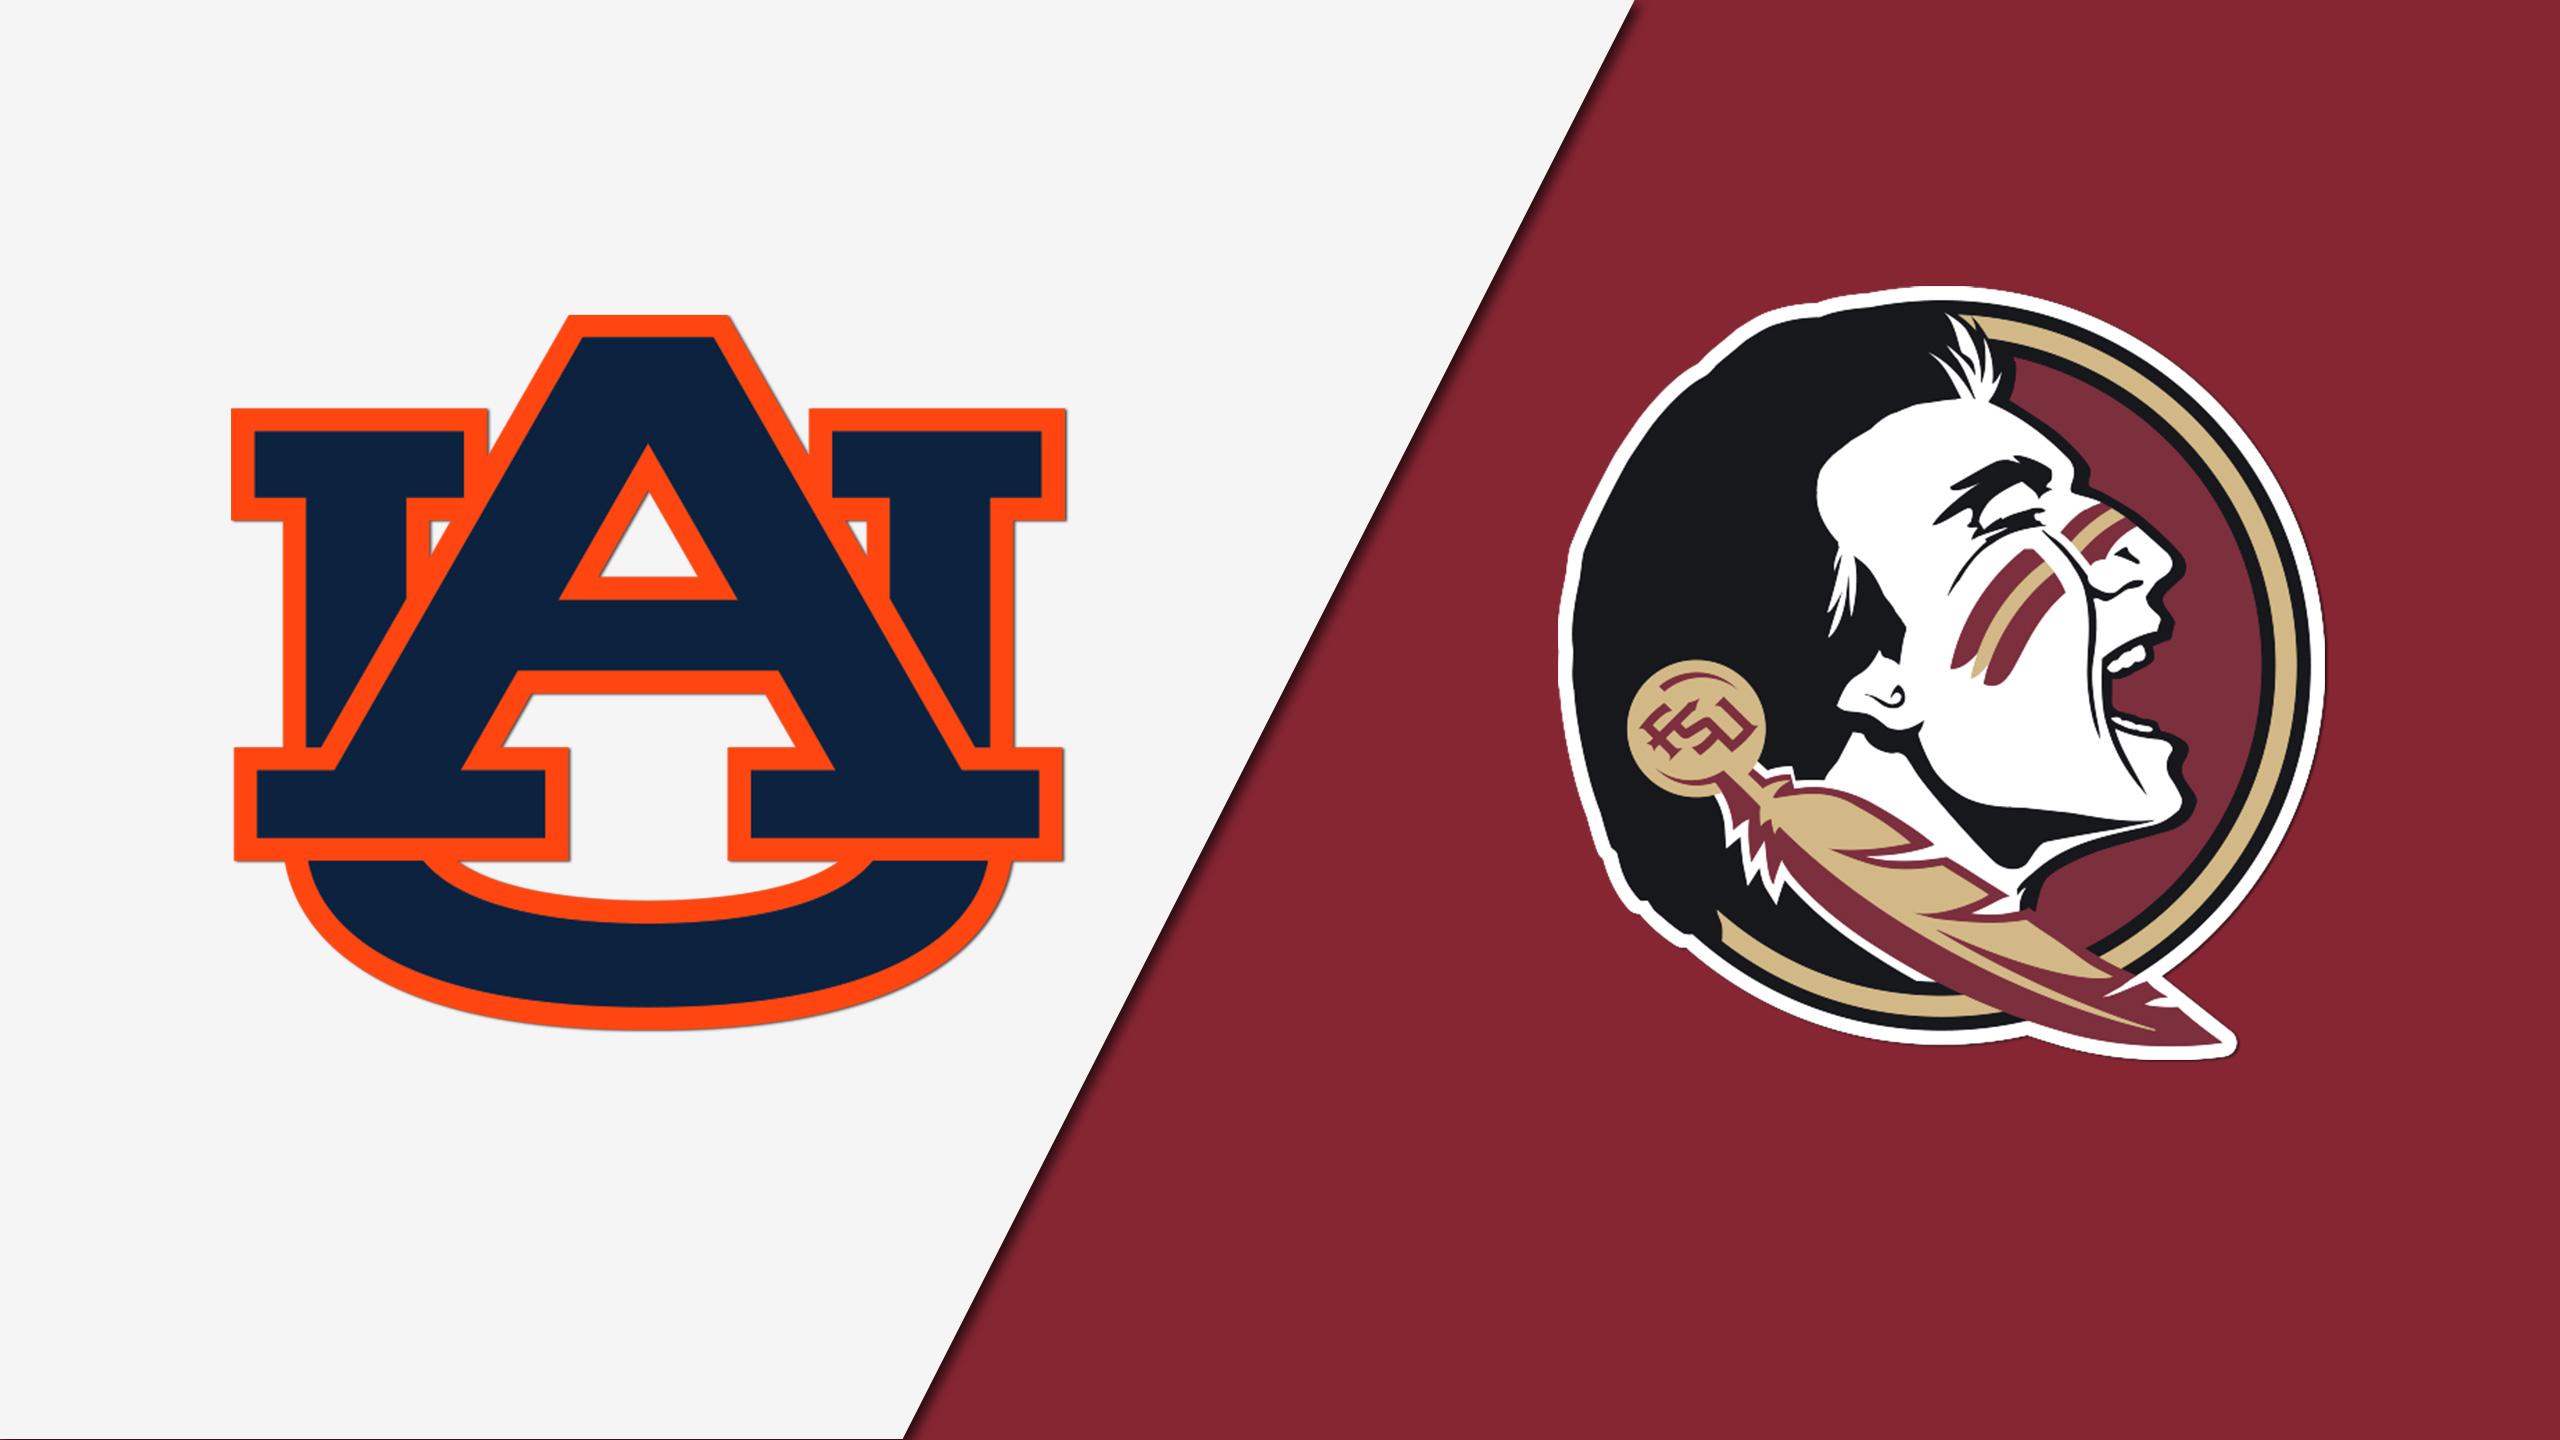 Auburn vs. Florida State